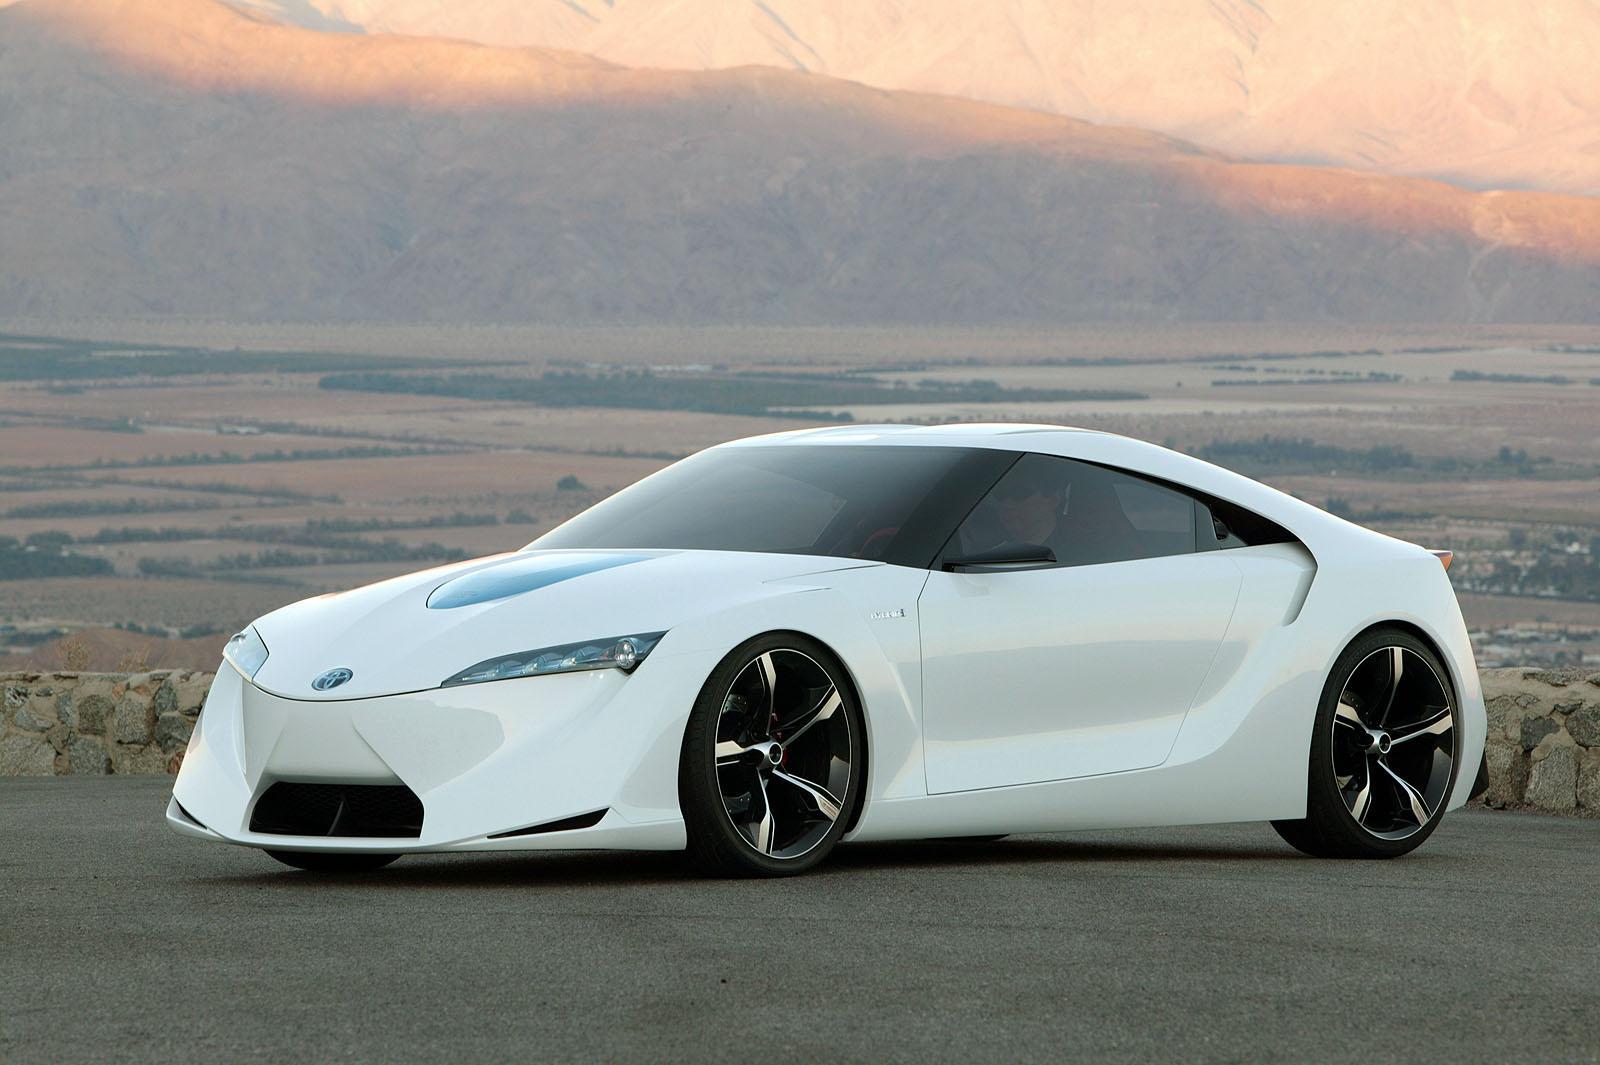 New Toyota Supra Successor To Feature 3 5 V6 Hybrid